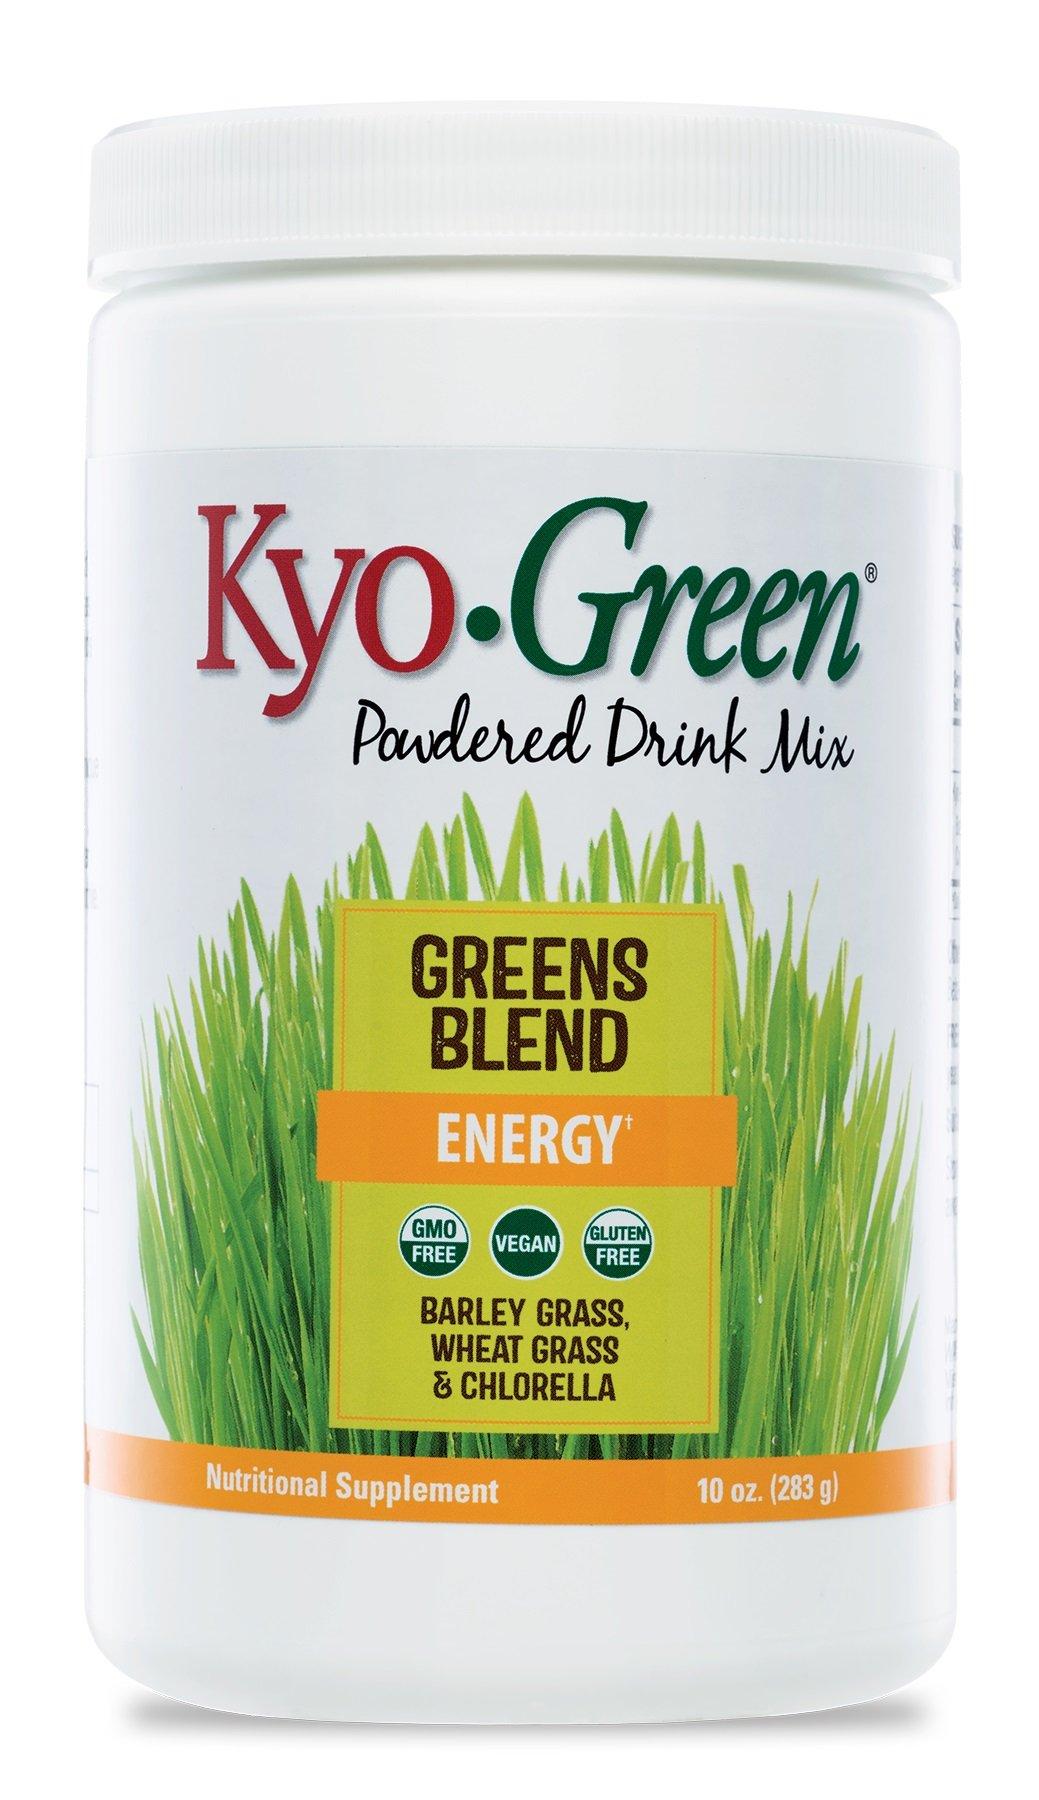 Kyo-Green Green Blends Energy Powered Drink Mix (10 Ounce Bottle) Green Powder Superfood Blend, Quick-Dissolving Nutritional Supplement